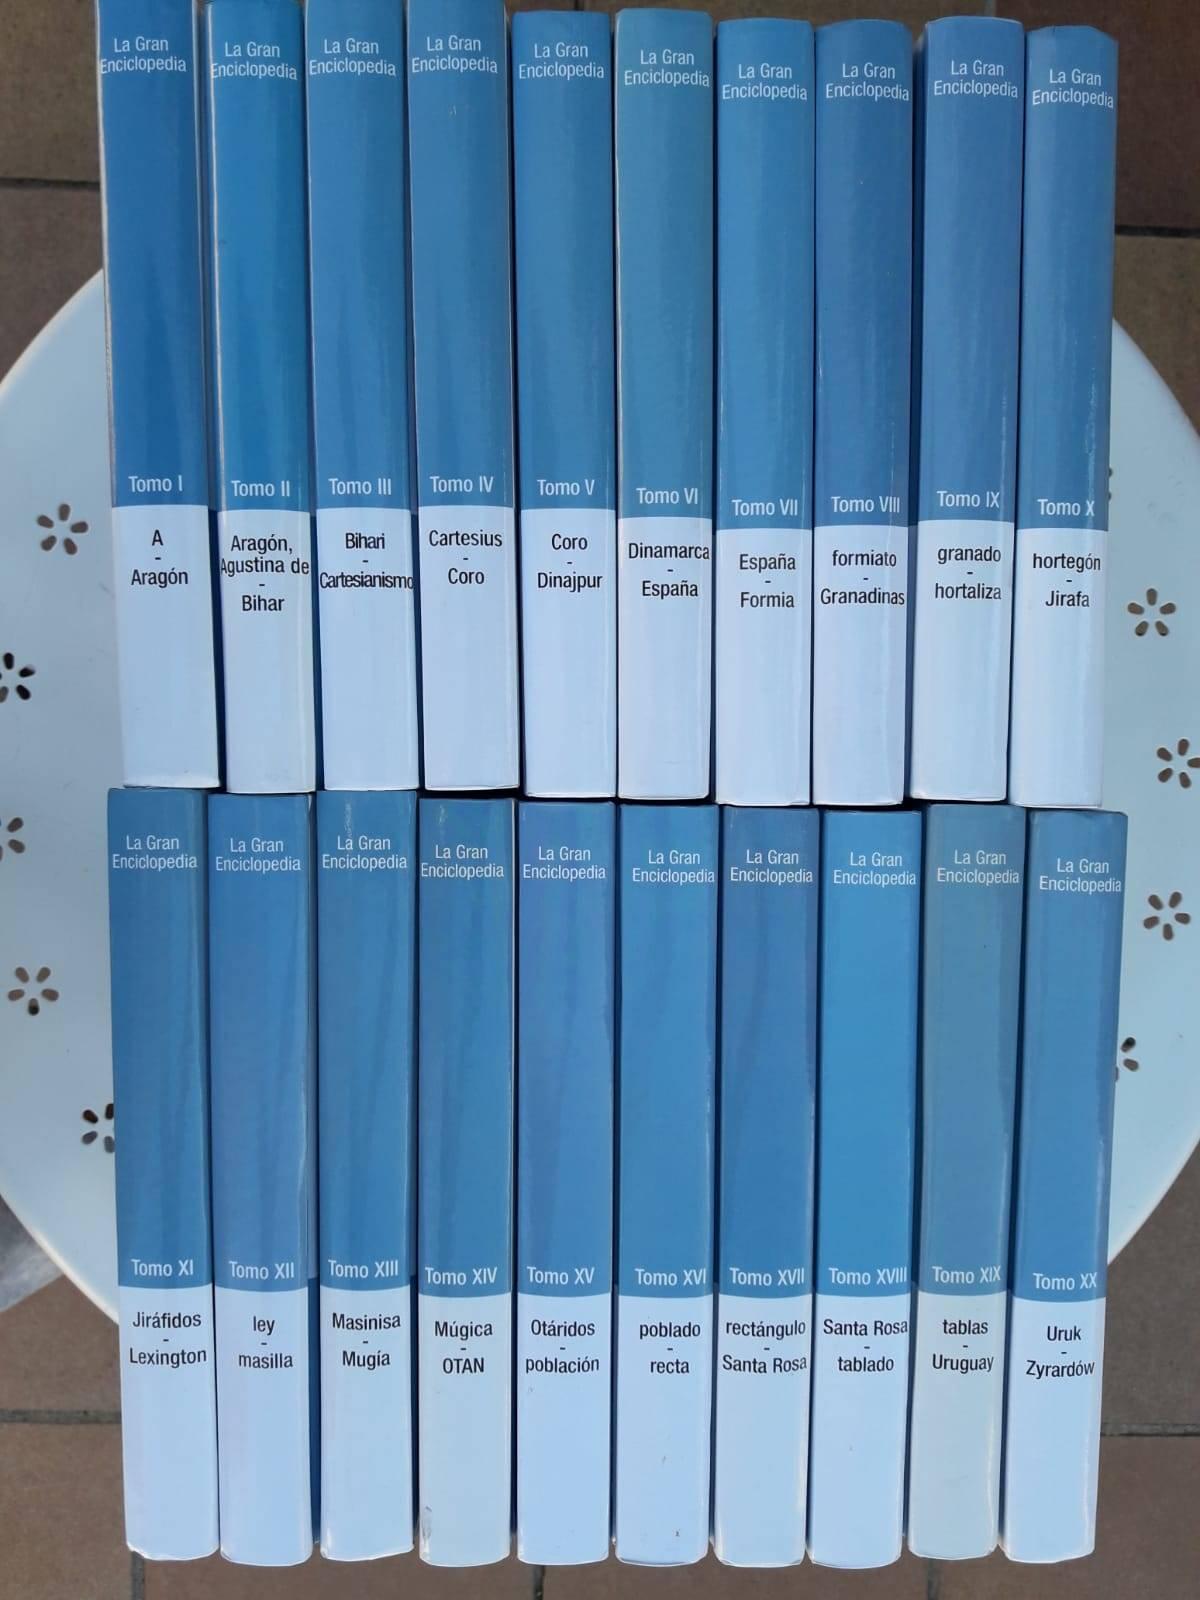 La gran enciclopedia - Vocento